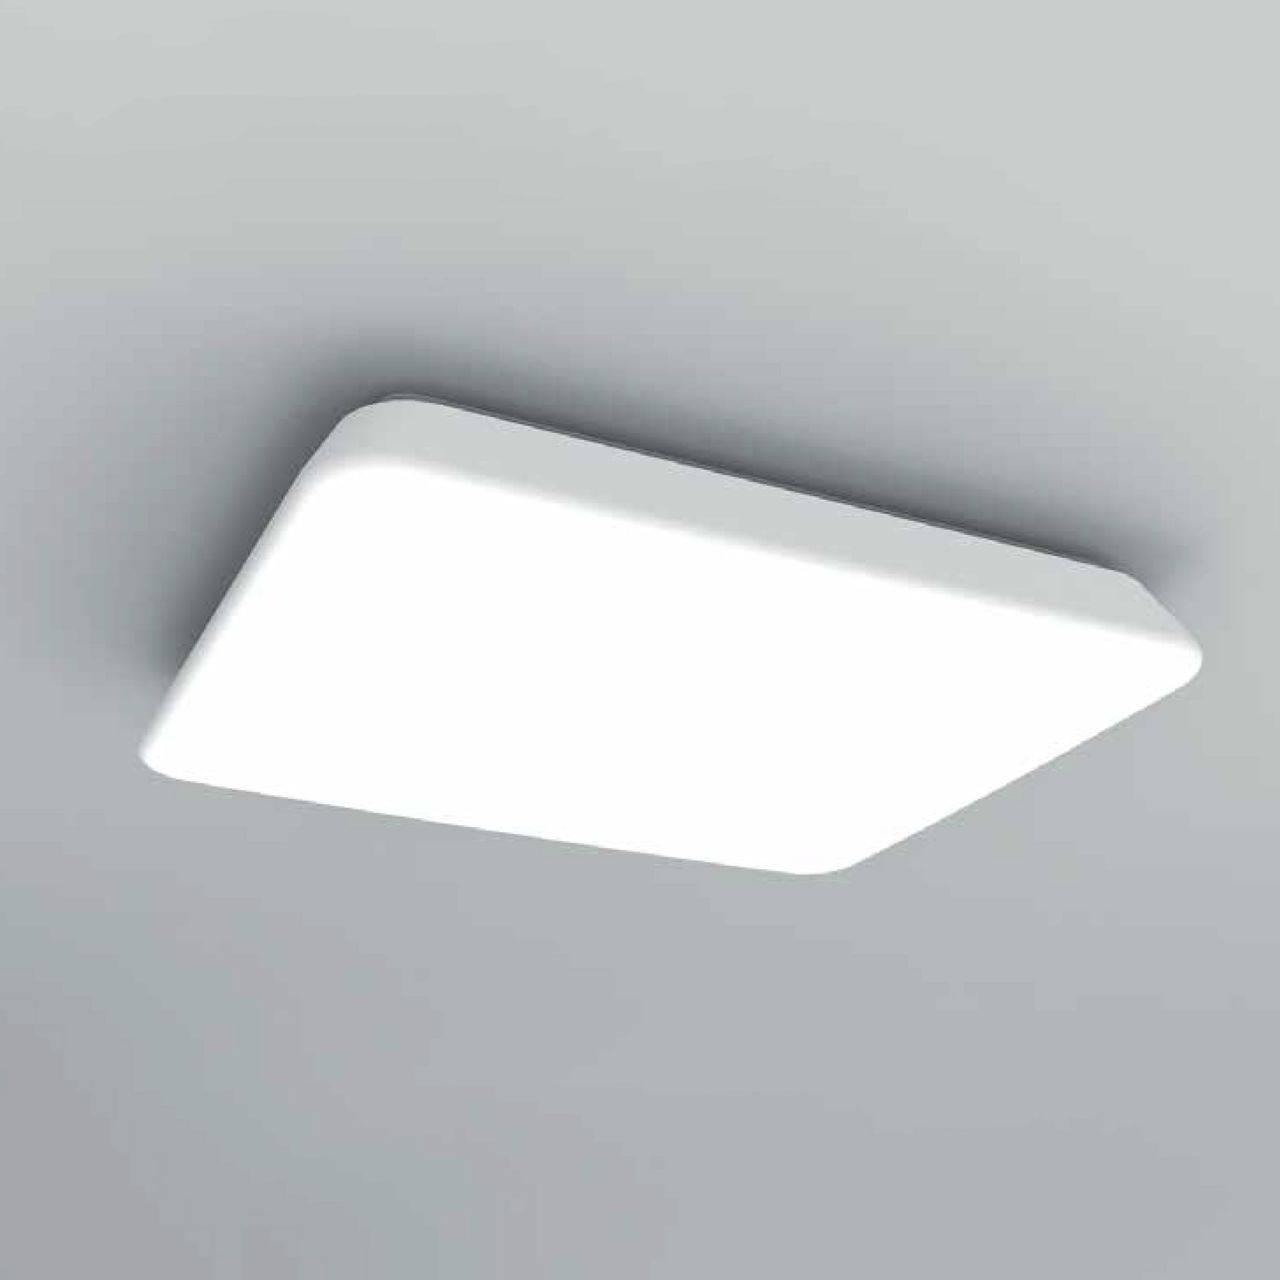 Потолочный светодиодный светильник Mantra Quatro 4870 mantra потолочный светодиодный светильник mantra ari 5926